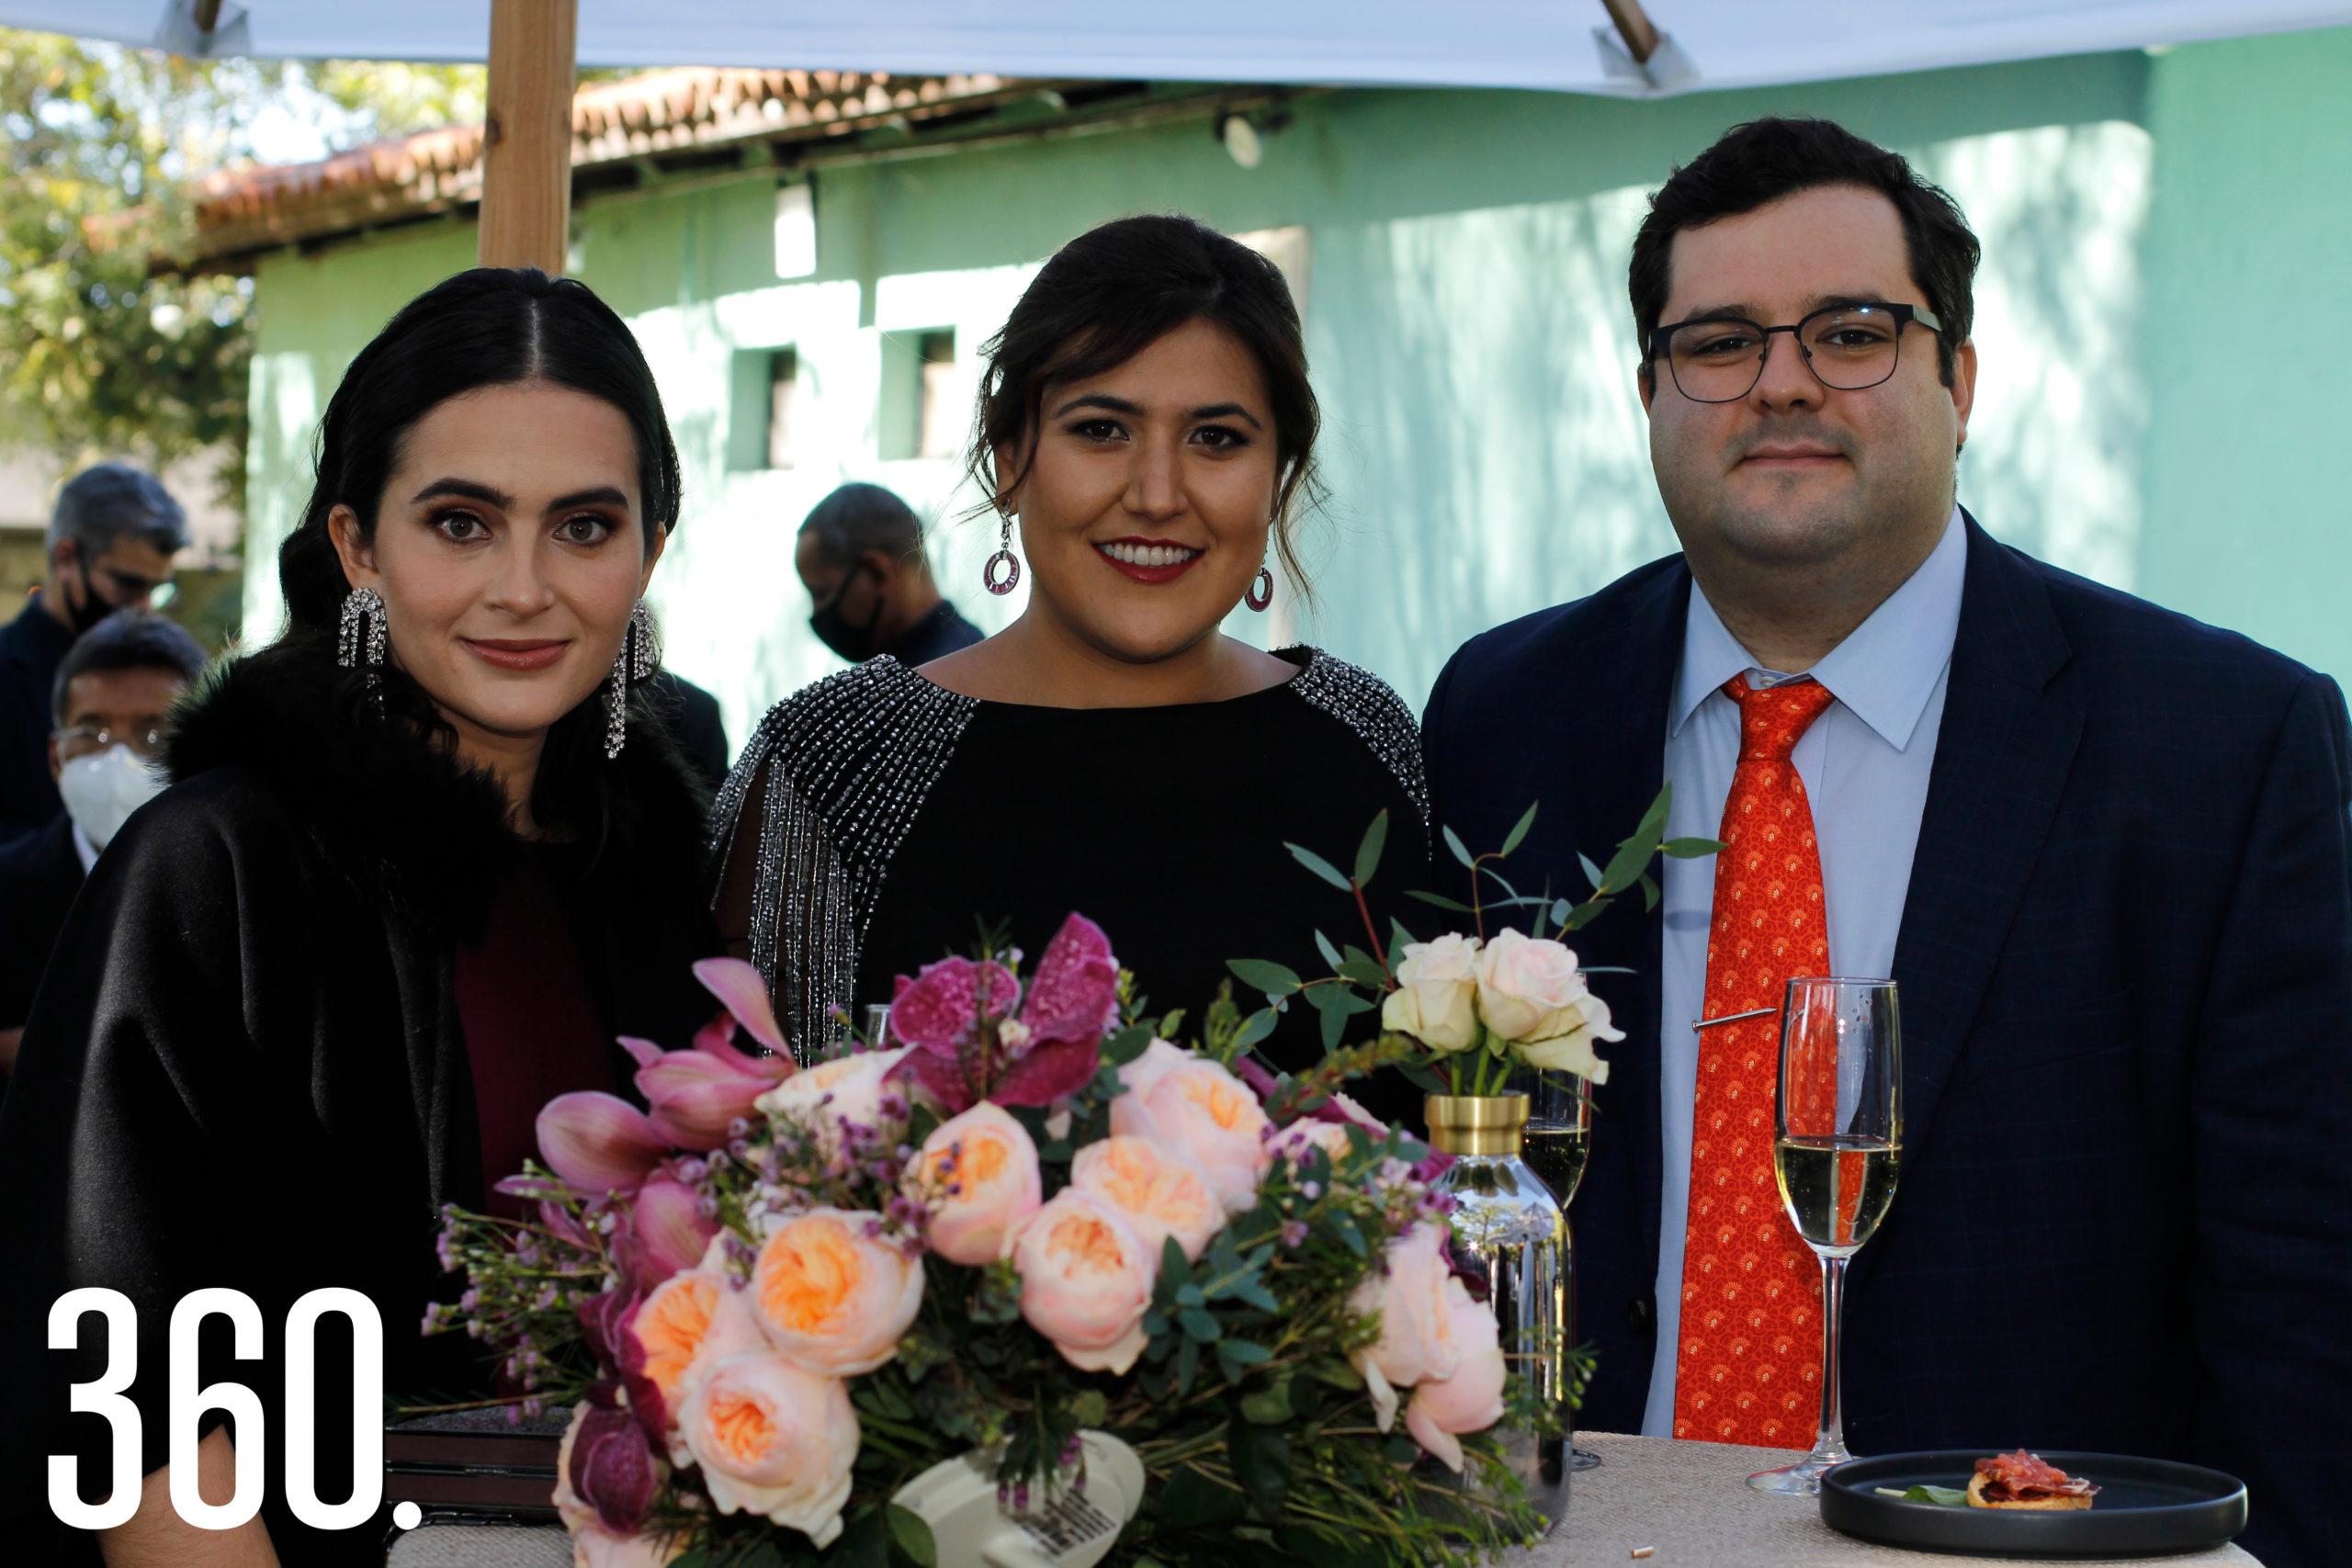 Paola Murguía, Eloisa Boardman y Jorge del Bosque.